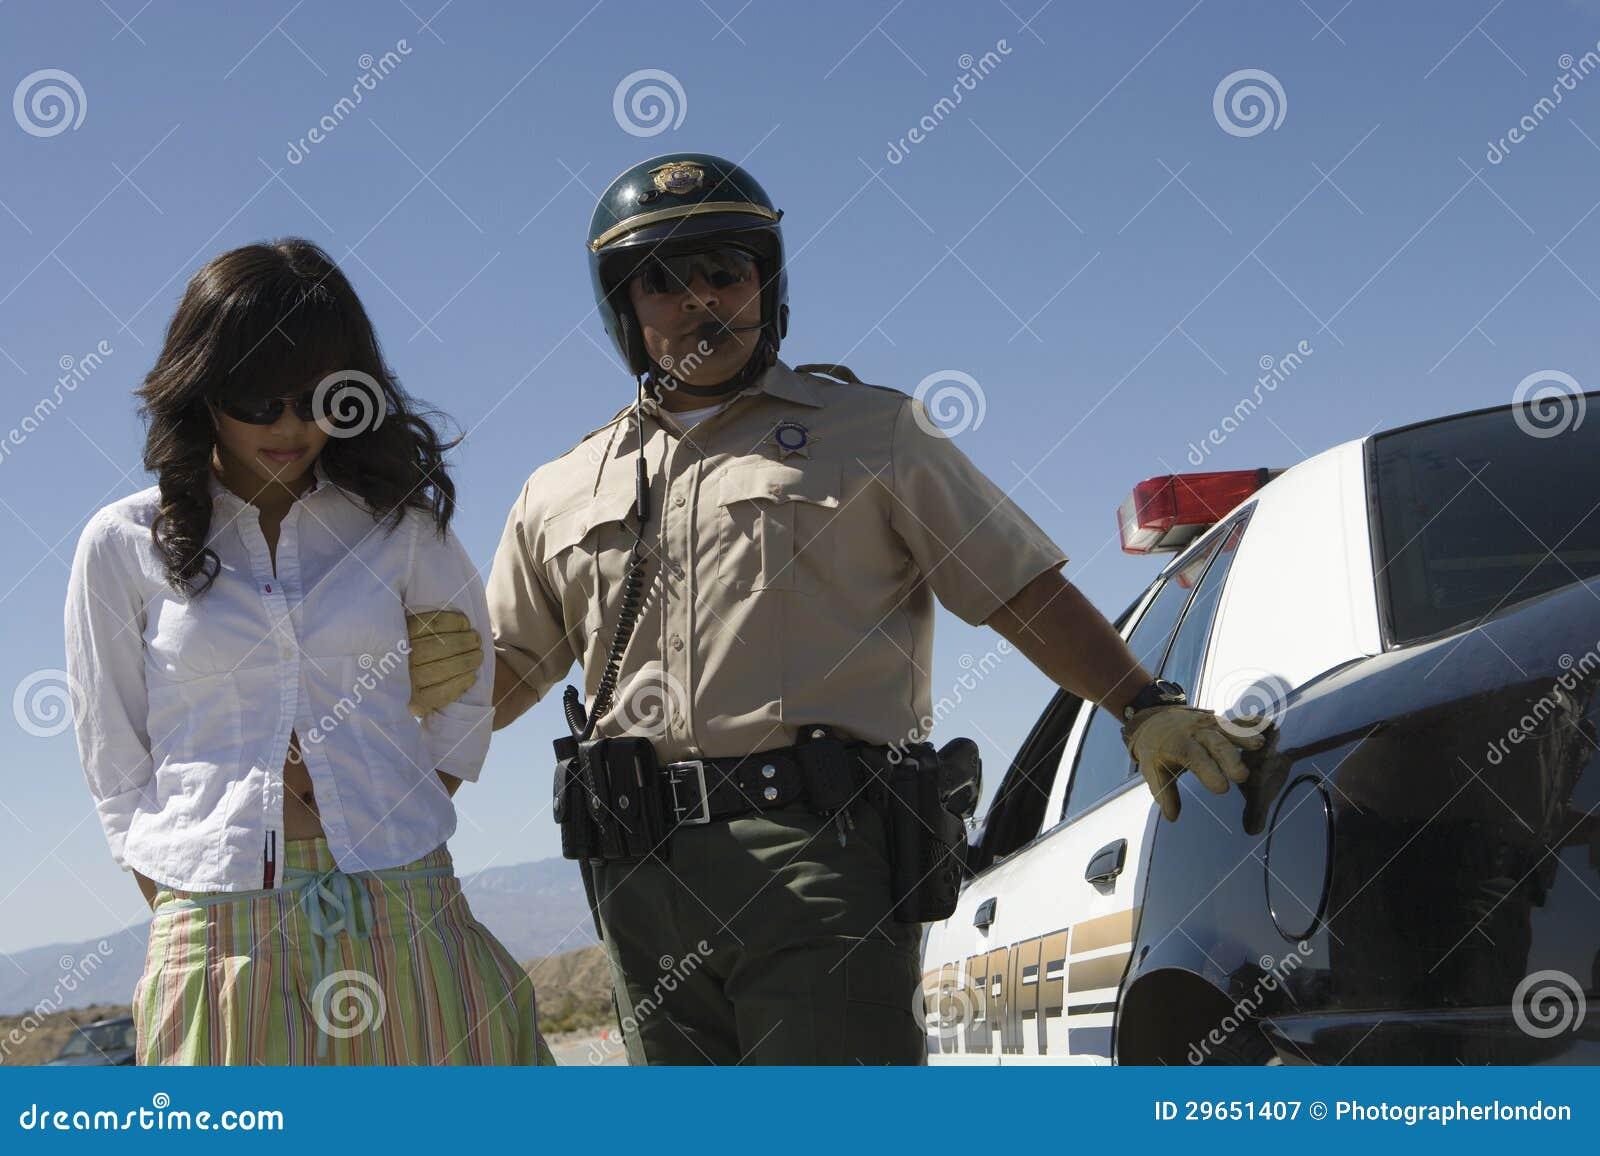 COP arrestatie COP Sex Films moeders